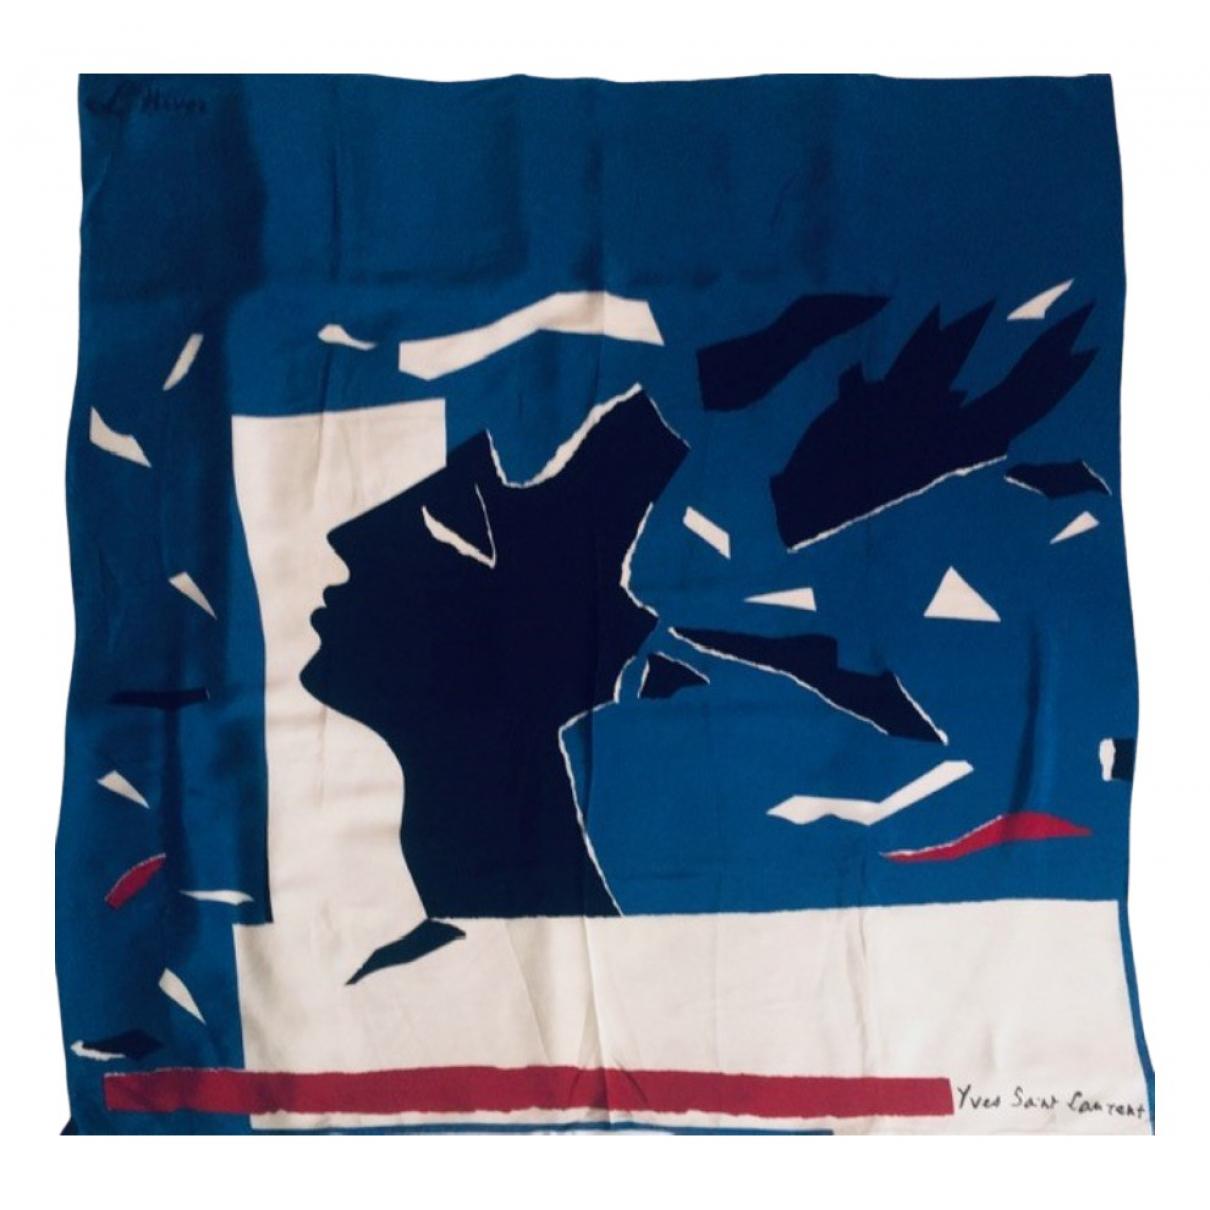 Yves Saint Laurent - Foulard   pour femme en soie - bleu